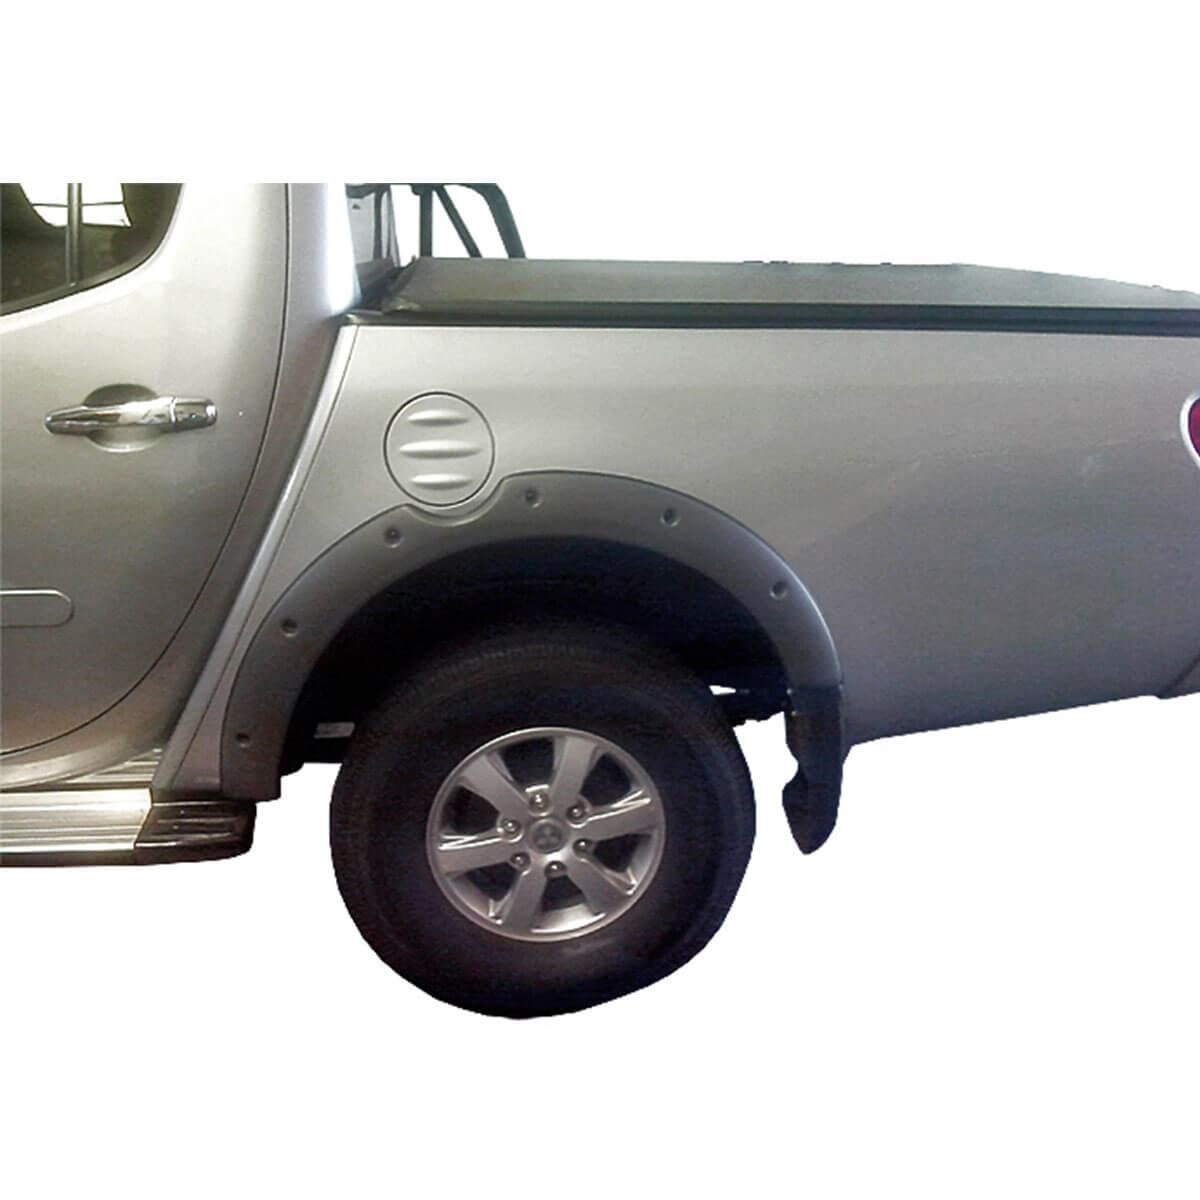 Alargador de paralama L200 Triton 2012 a 2017 GL e GLX